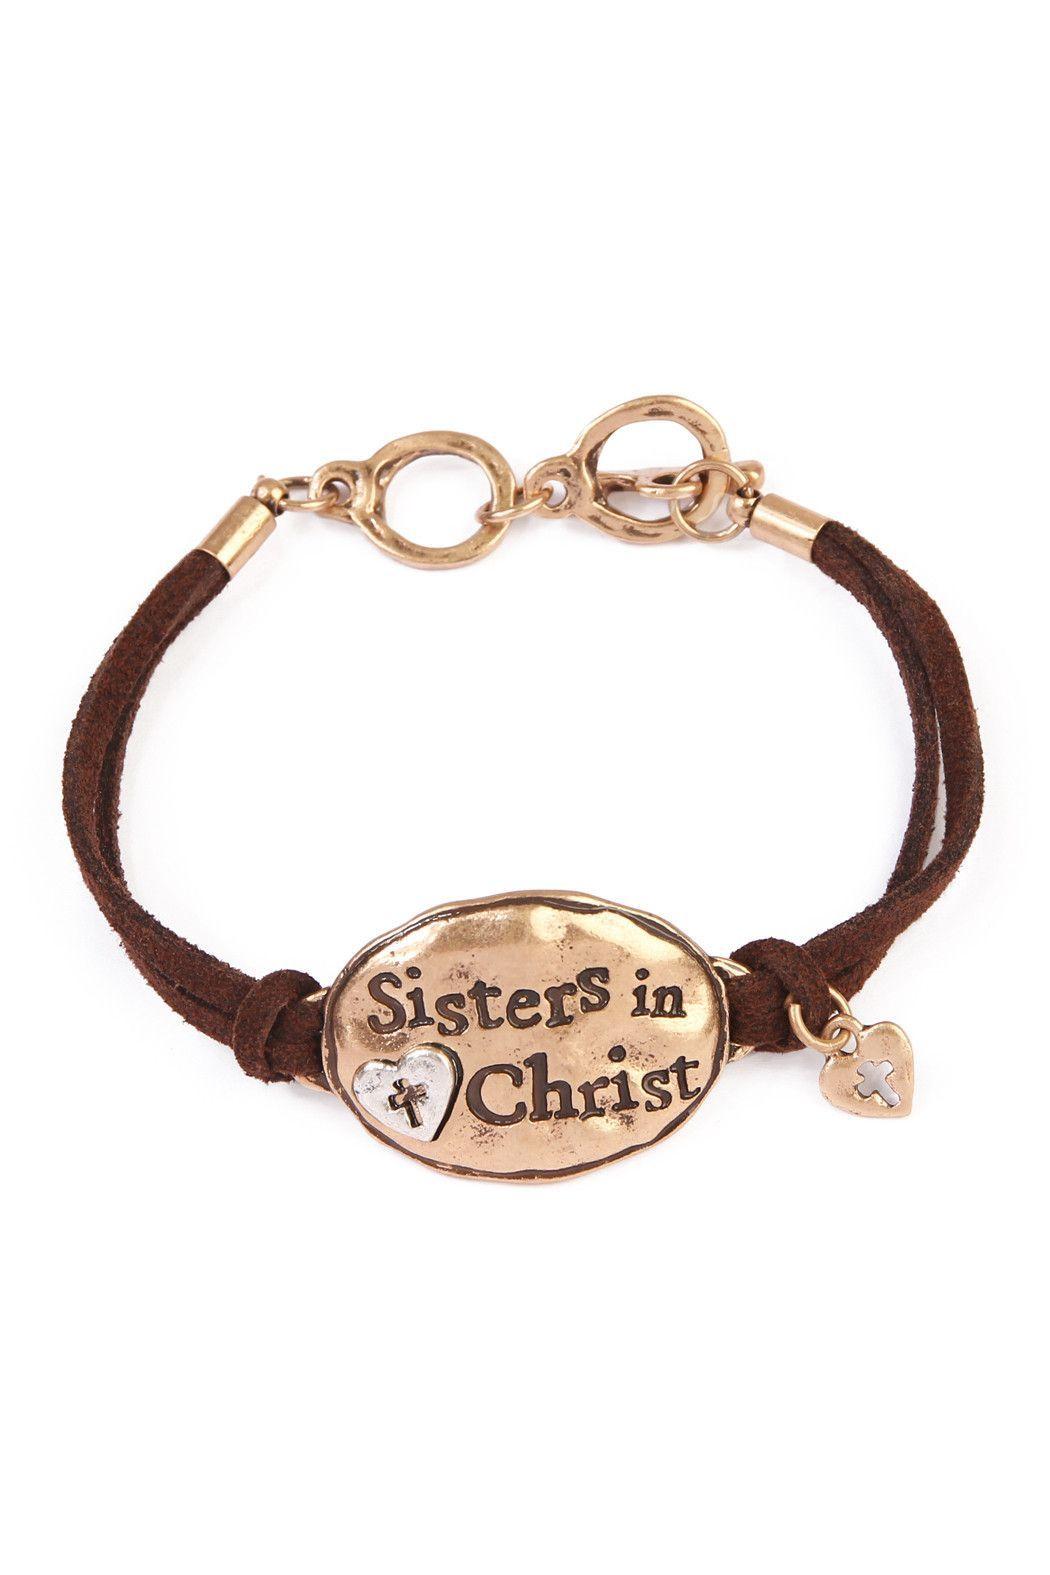 Sister In Christ Charm Bracelet